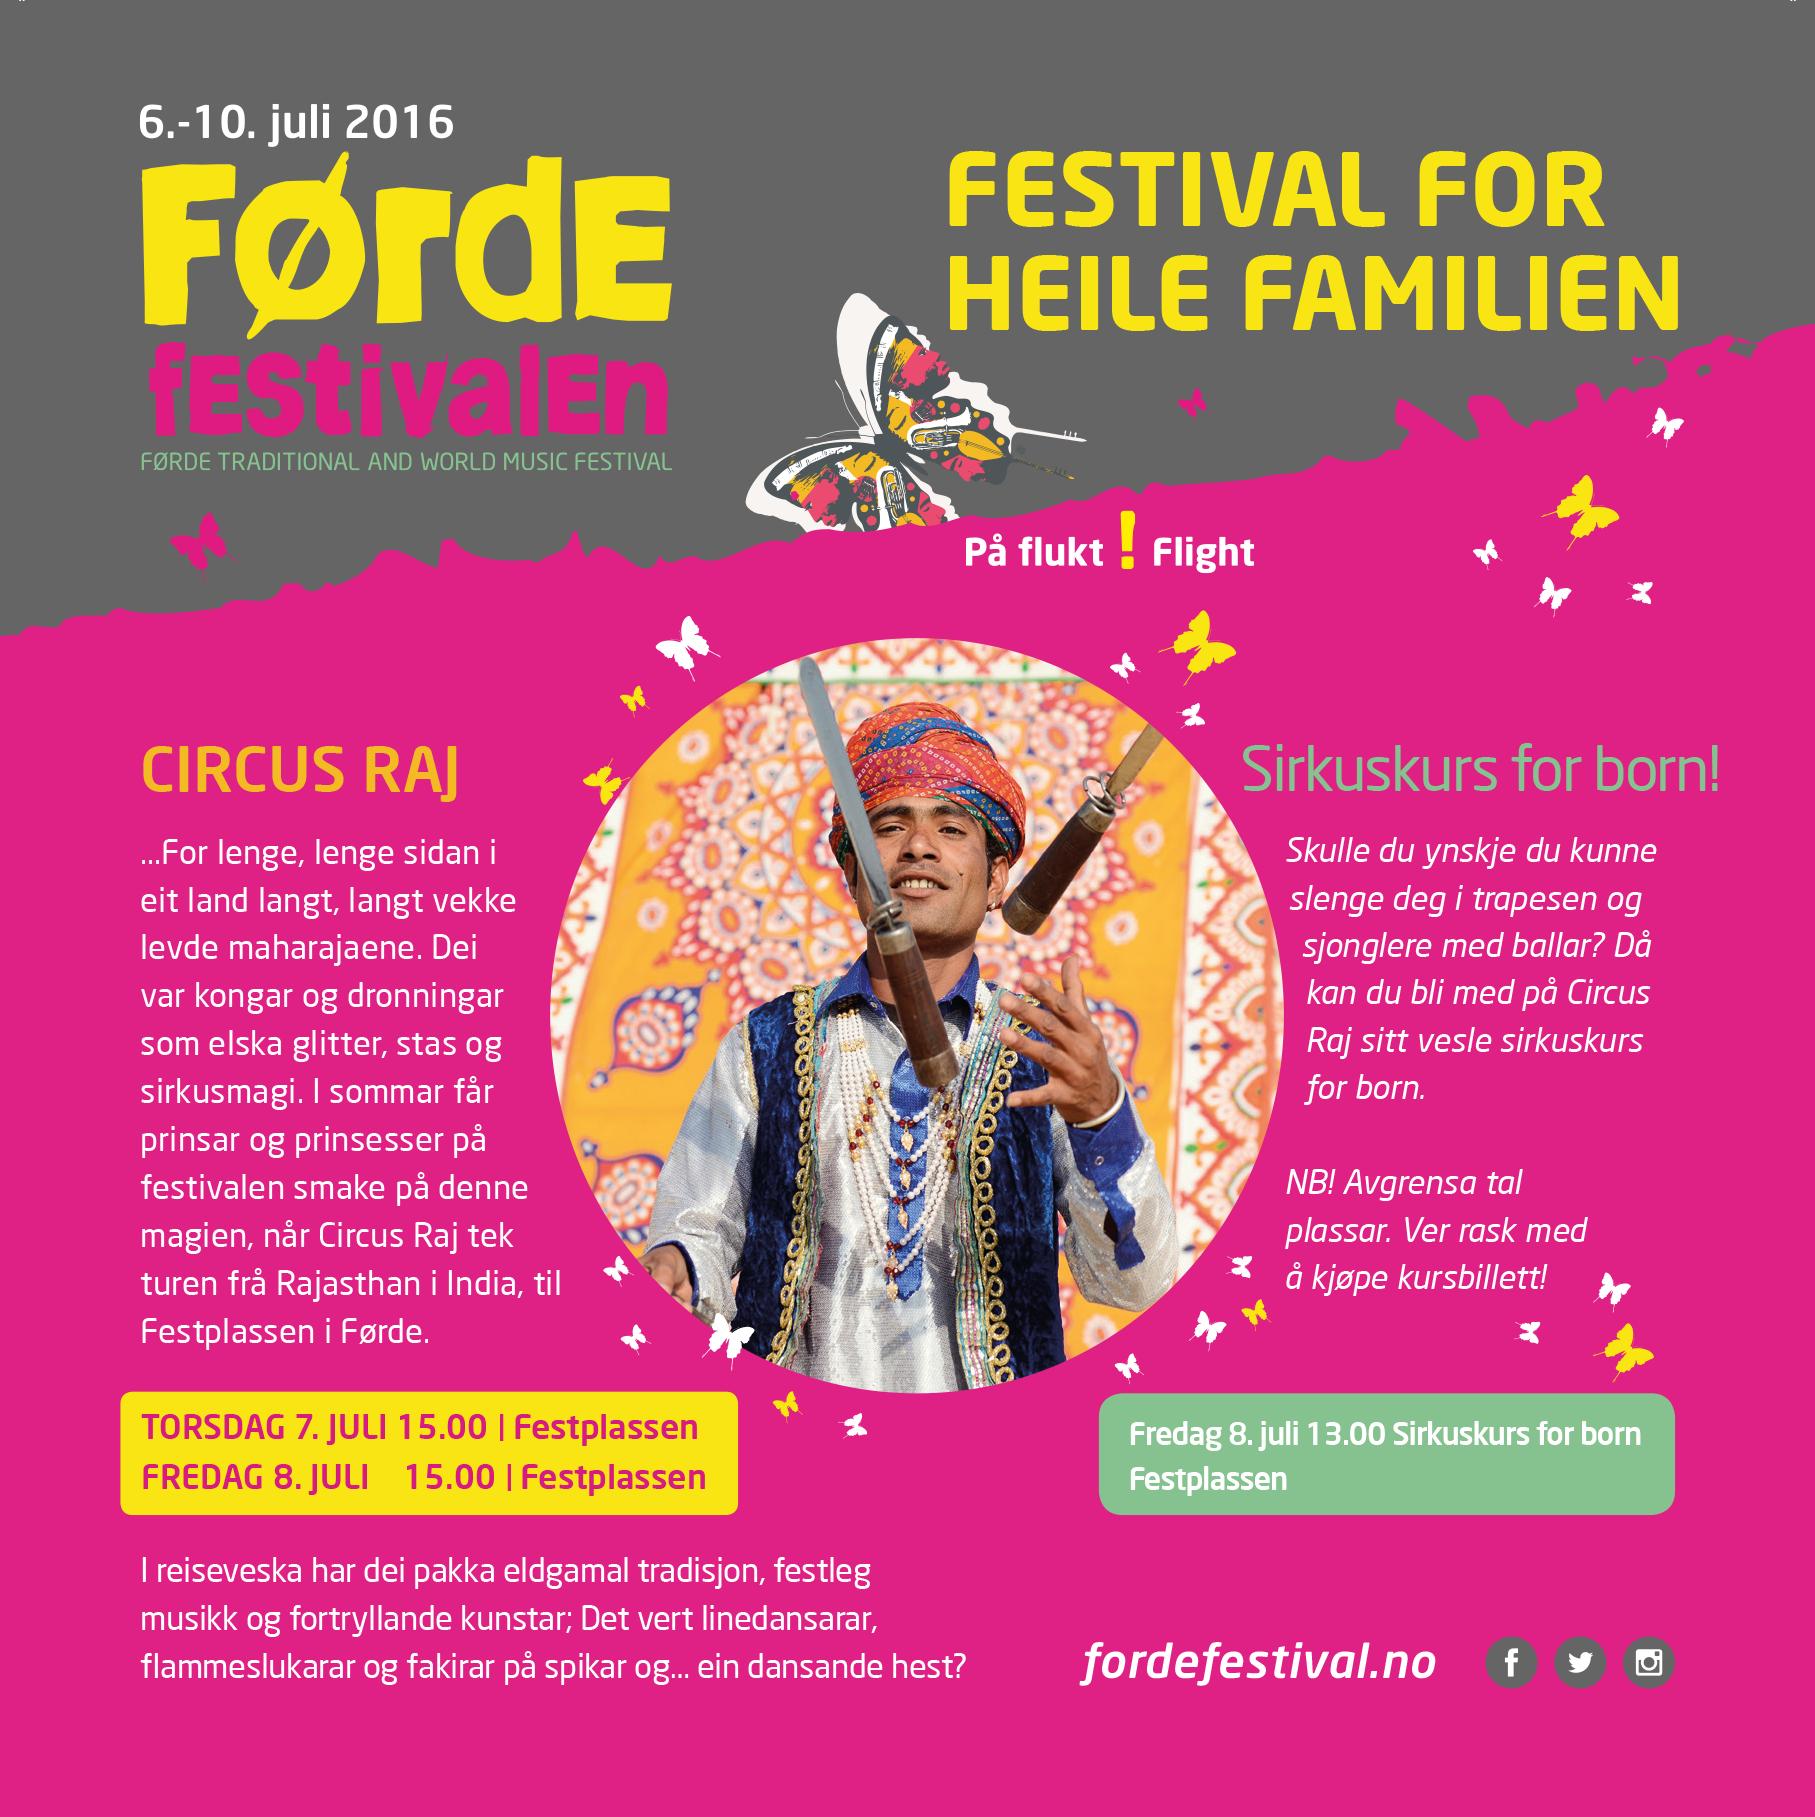 Denne brosjyren gjer det lett for deg med born å legge planar for festivaldagane! Klikk på bildet, for å skrive ut brosjyren som pdf.